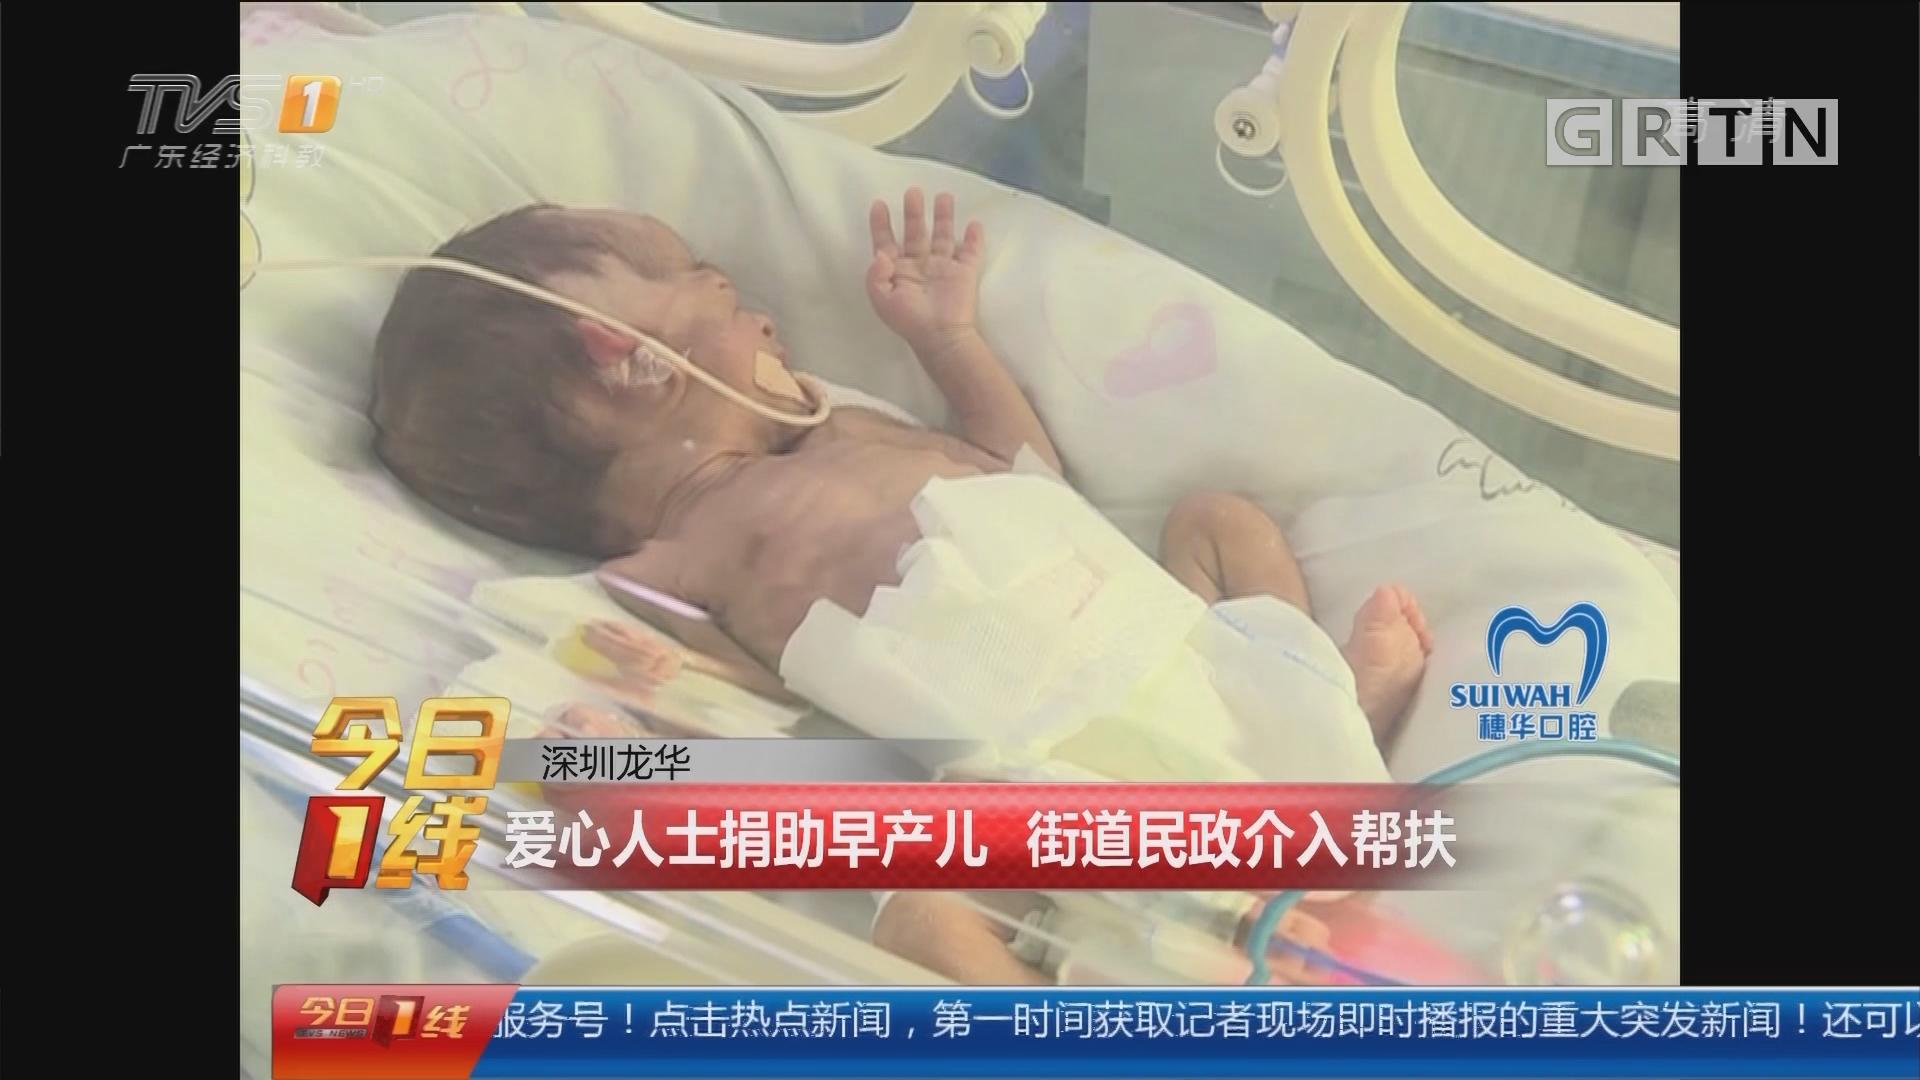 深圳龙华:爱心人士捐助早产儿 街道民政介入帮扶